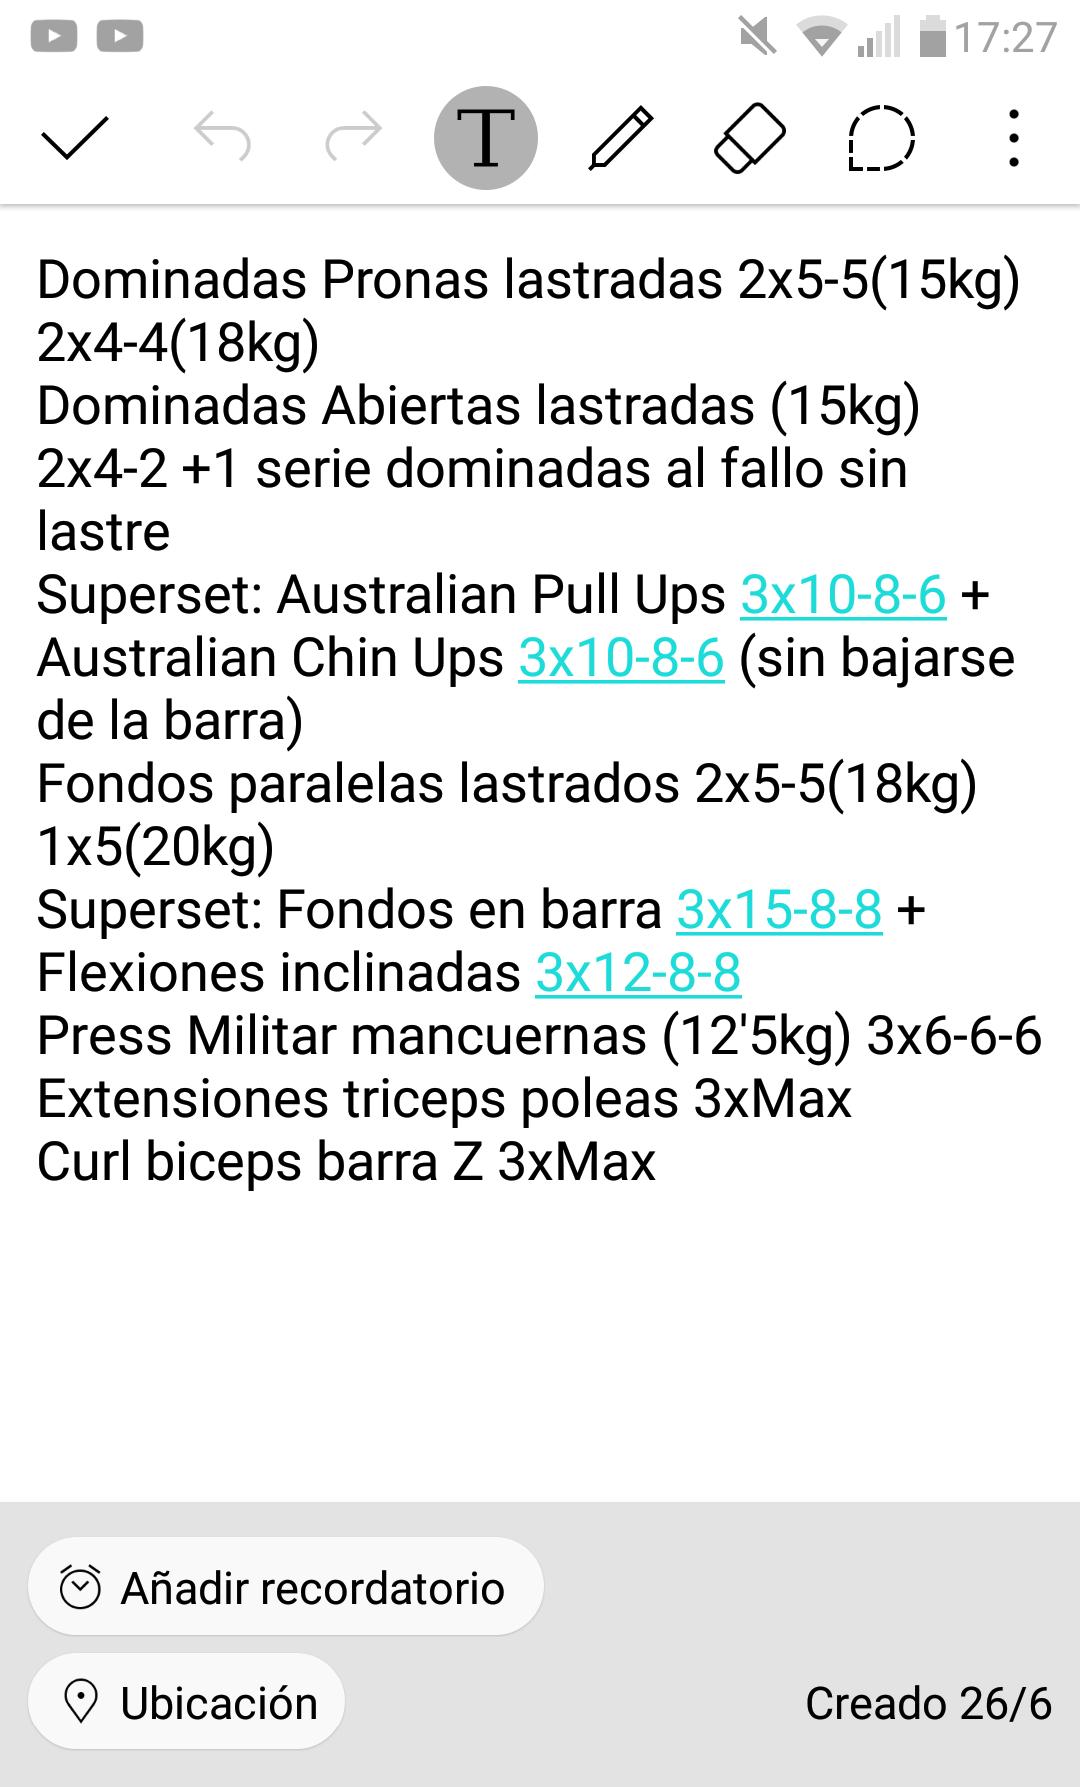 Diario de entrenamiento - Página 8 - Diarios de entrenamiento - Foro ...